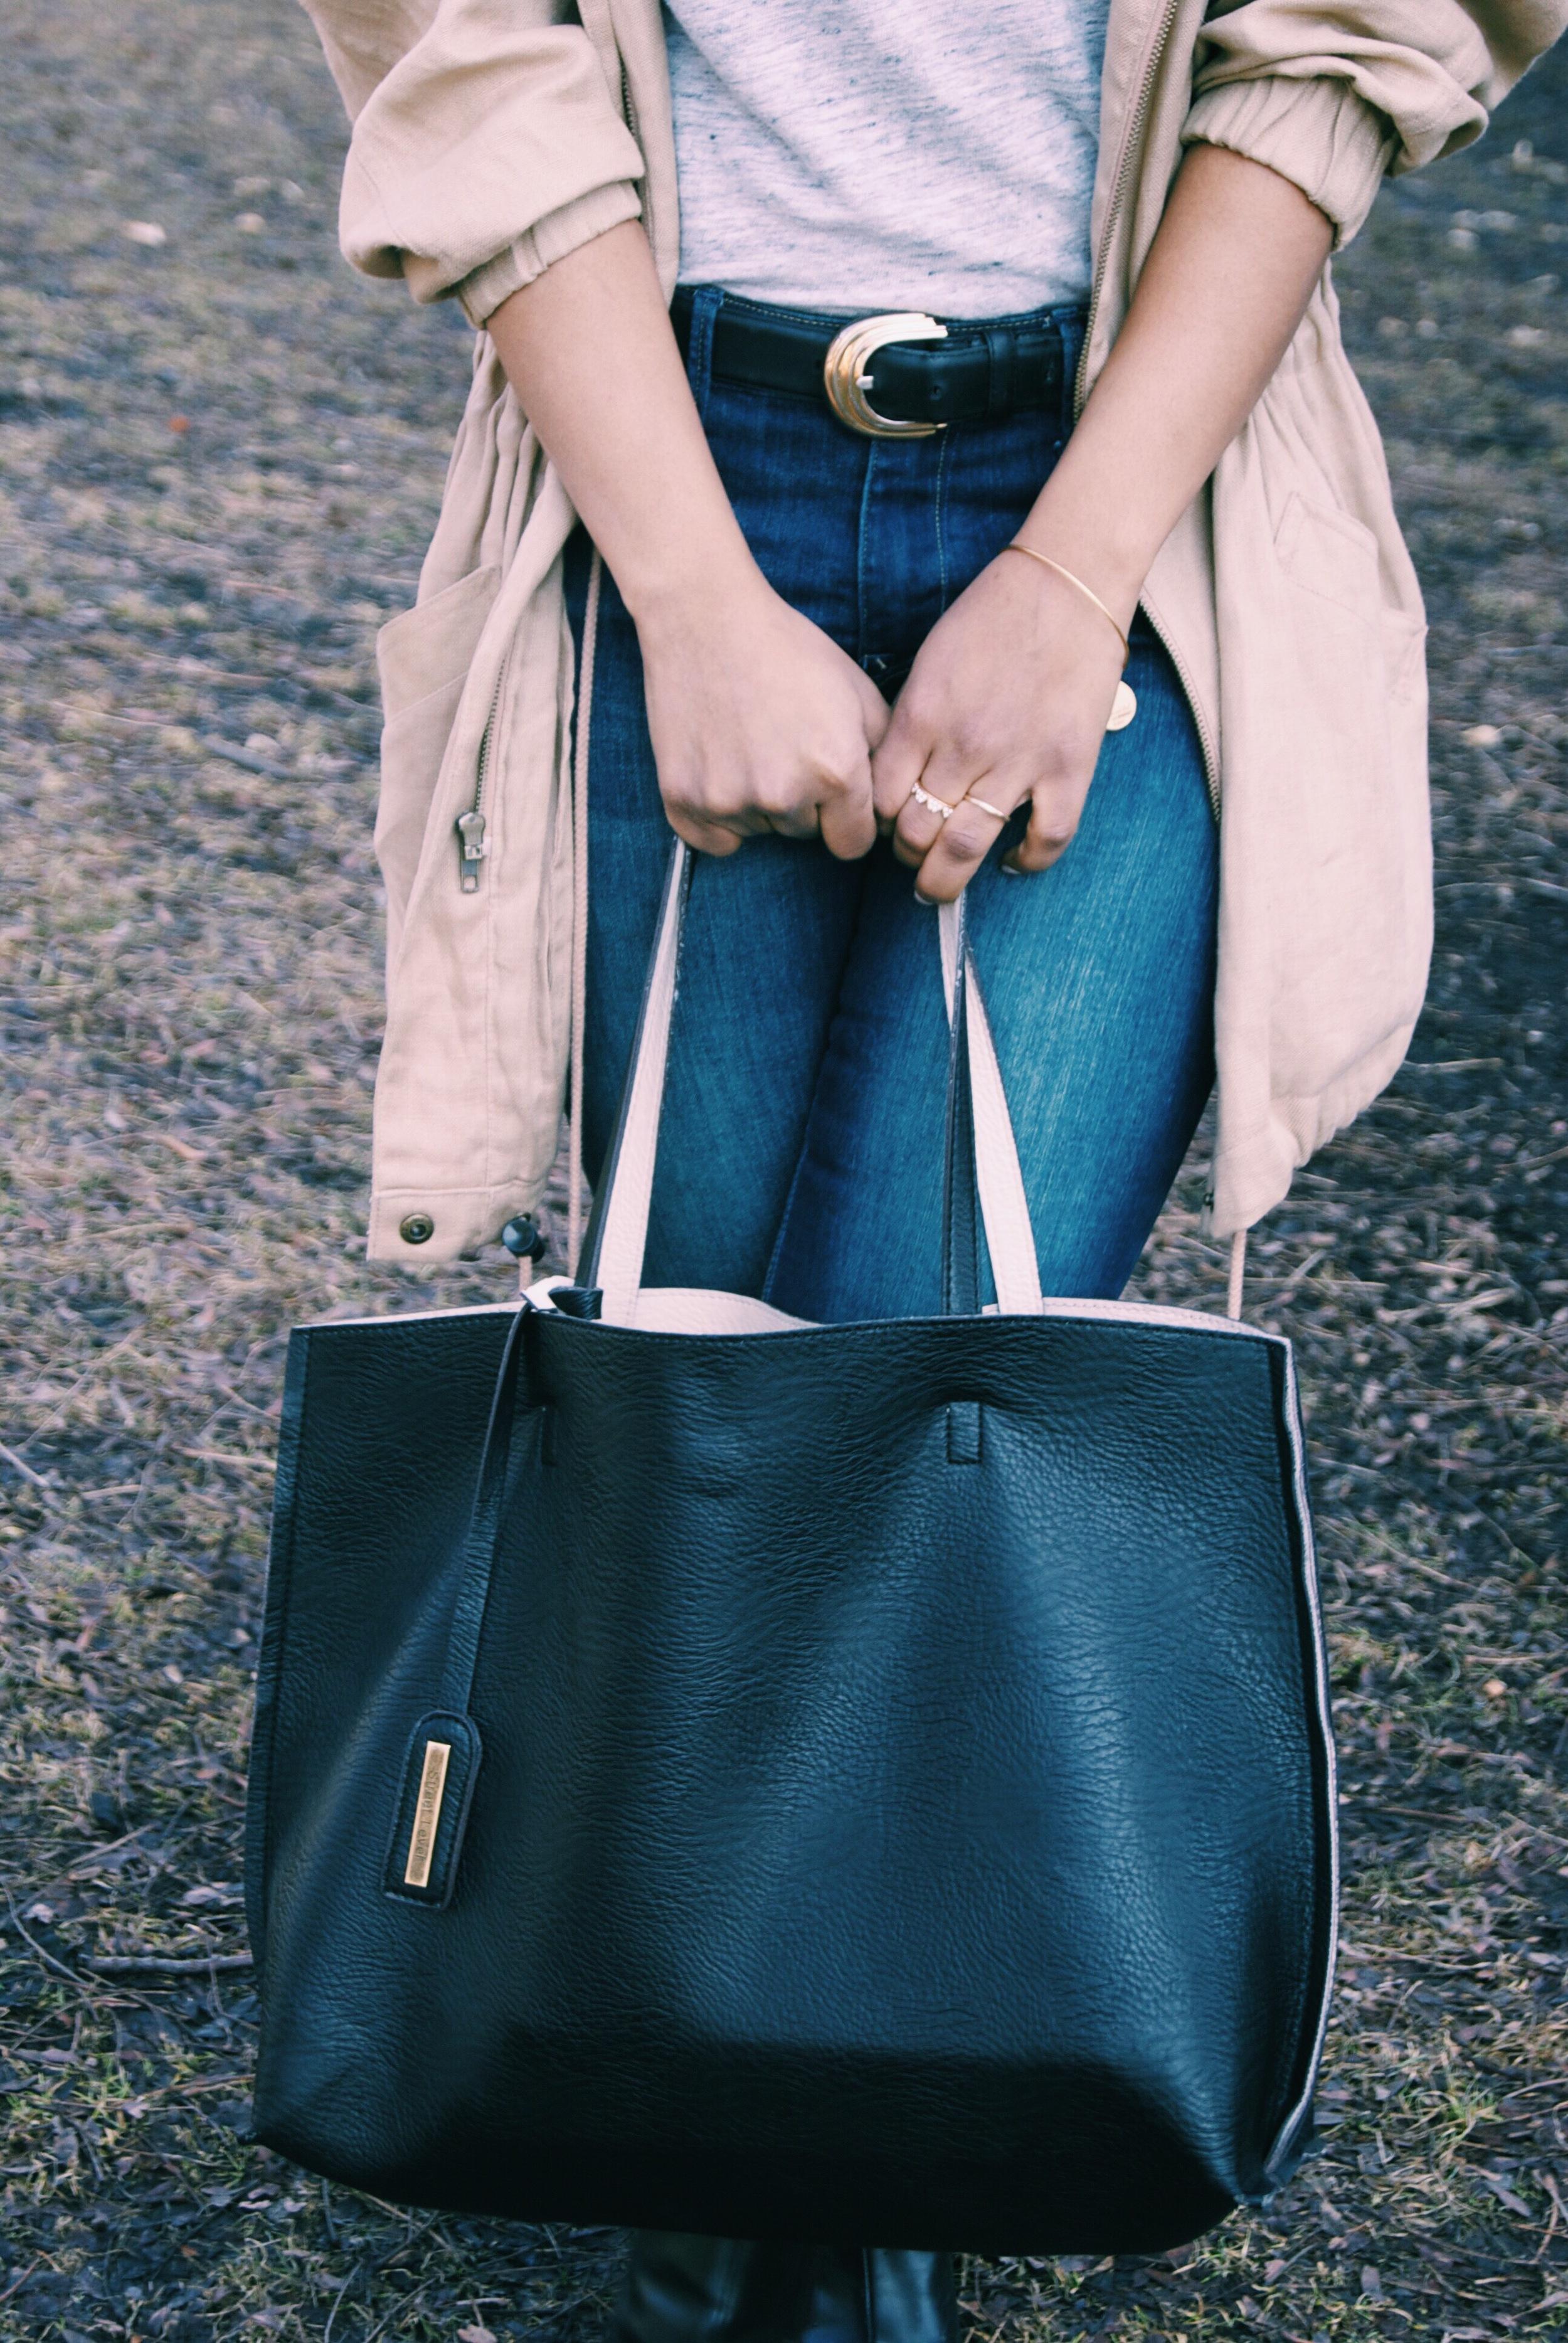 Bag: Francesca's